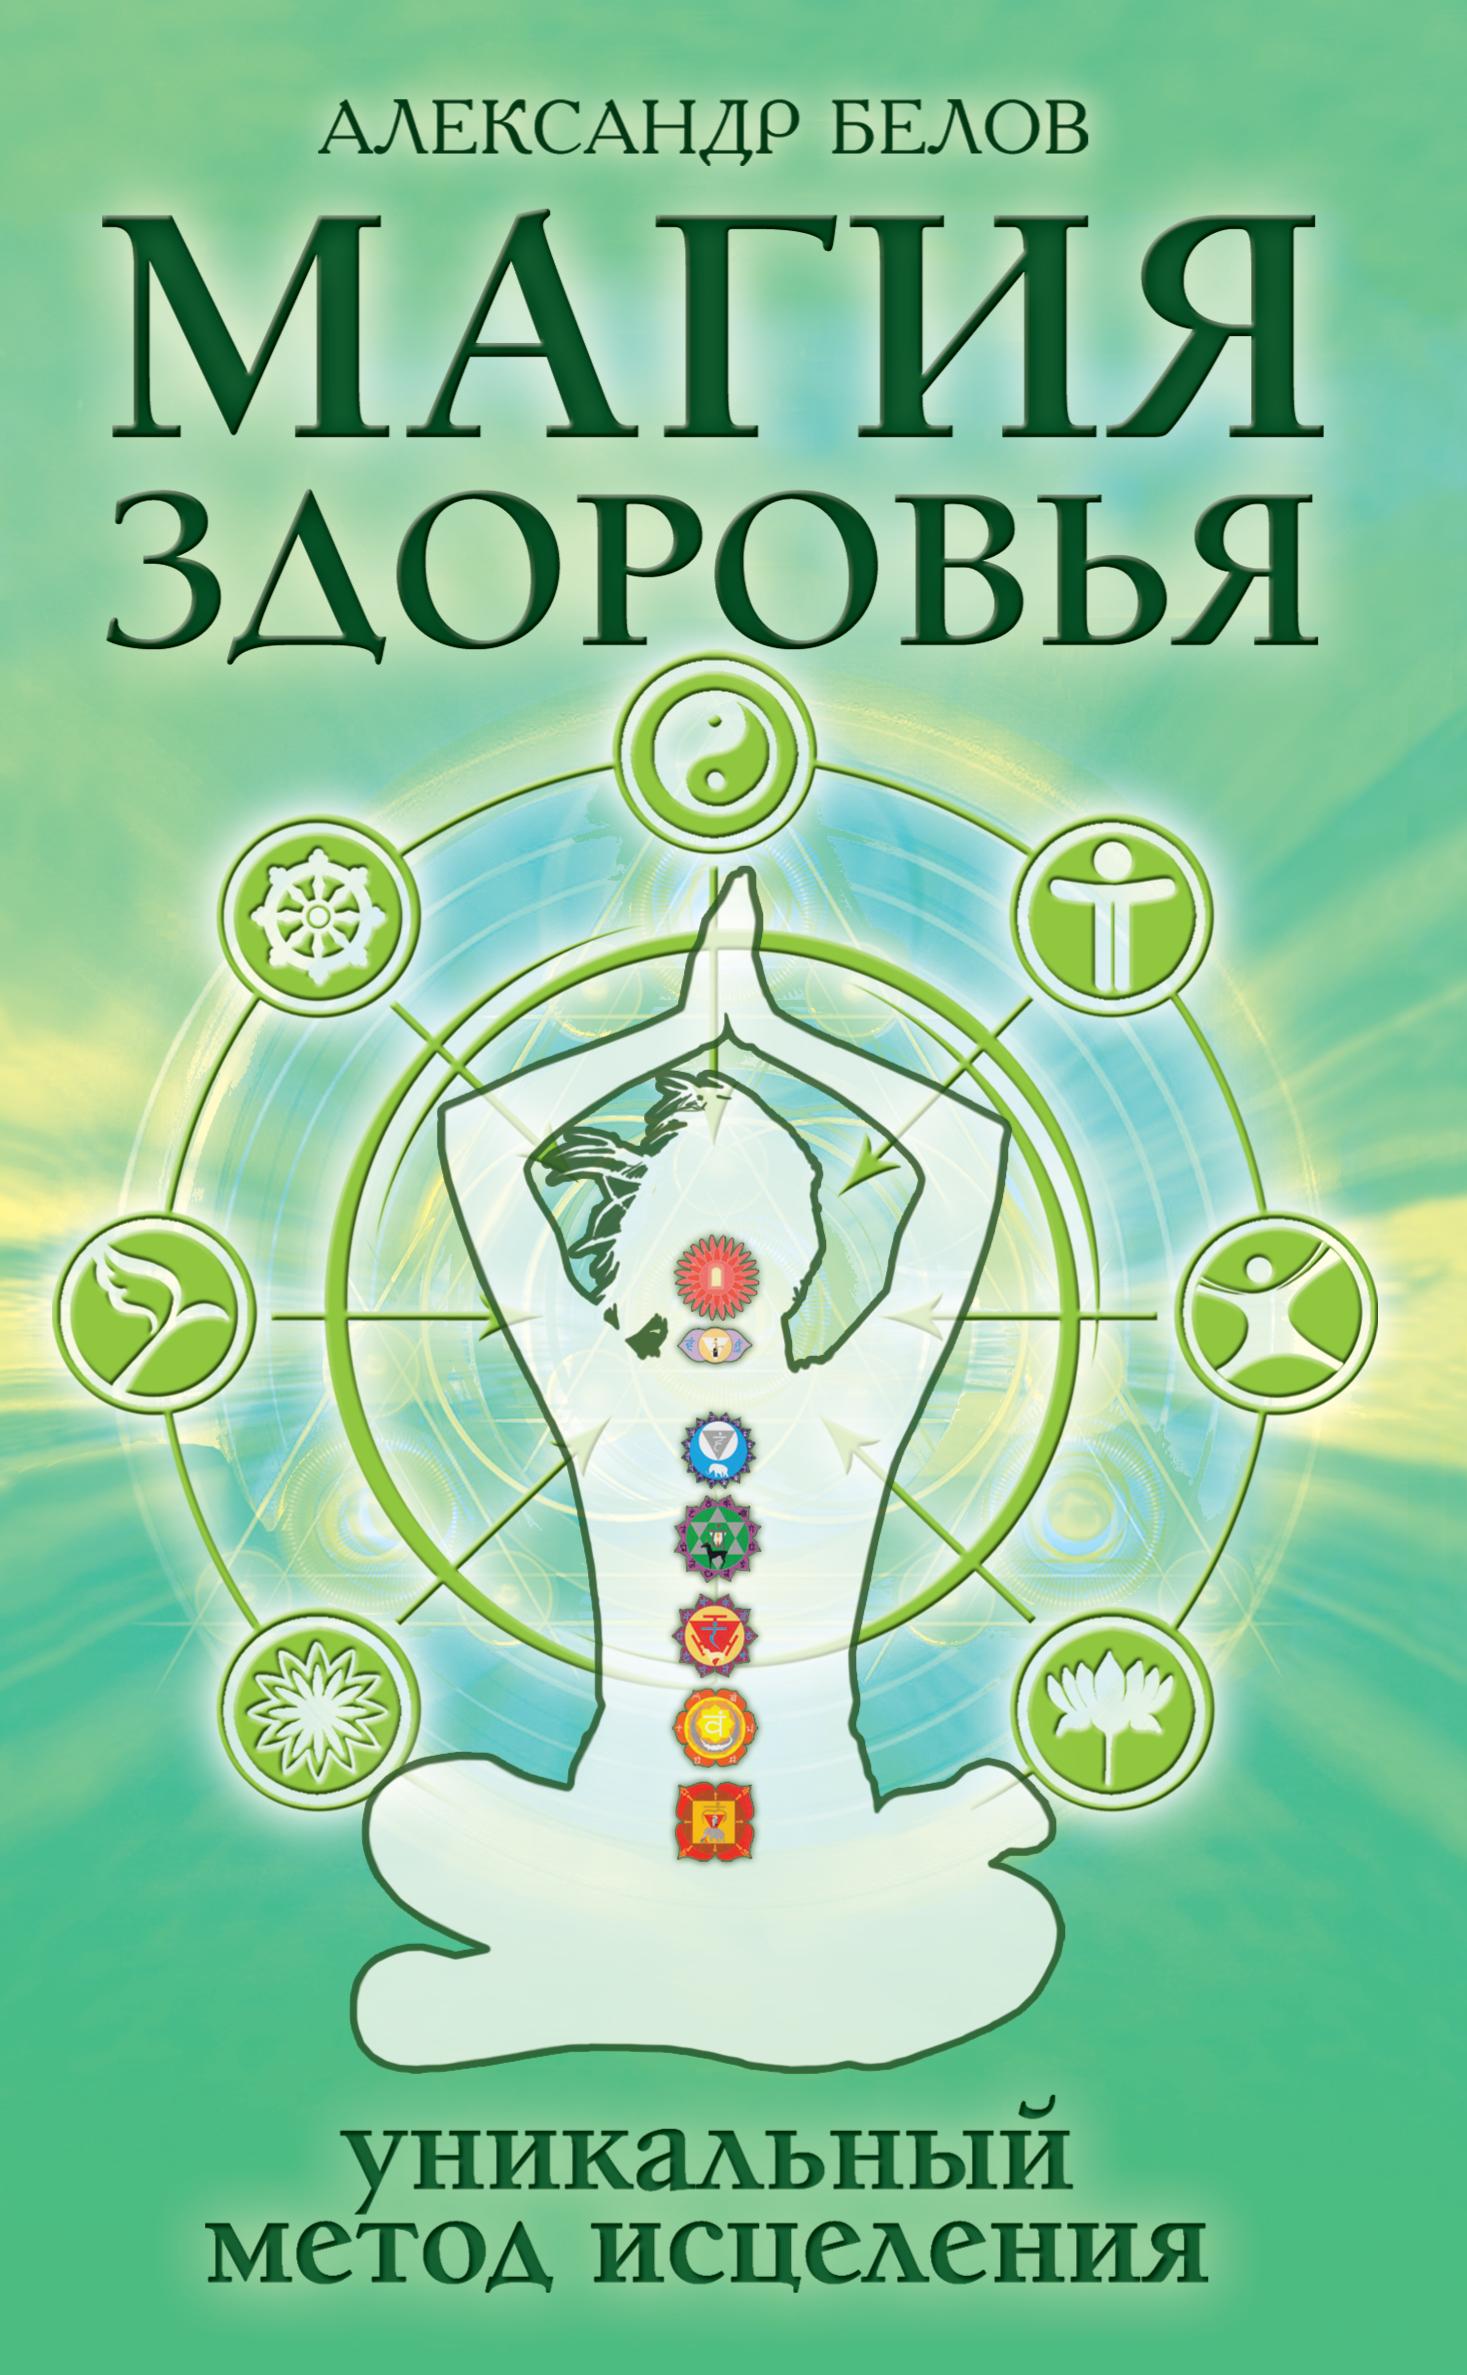 Магия здоровья или Уникальный метод исцеления. 4-е изд